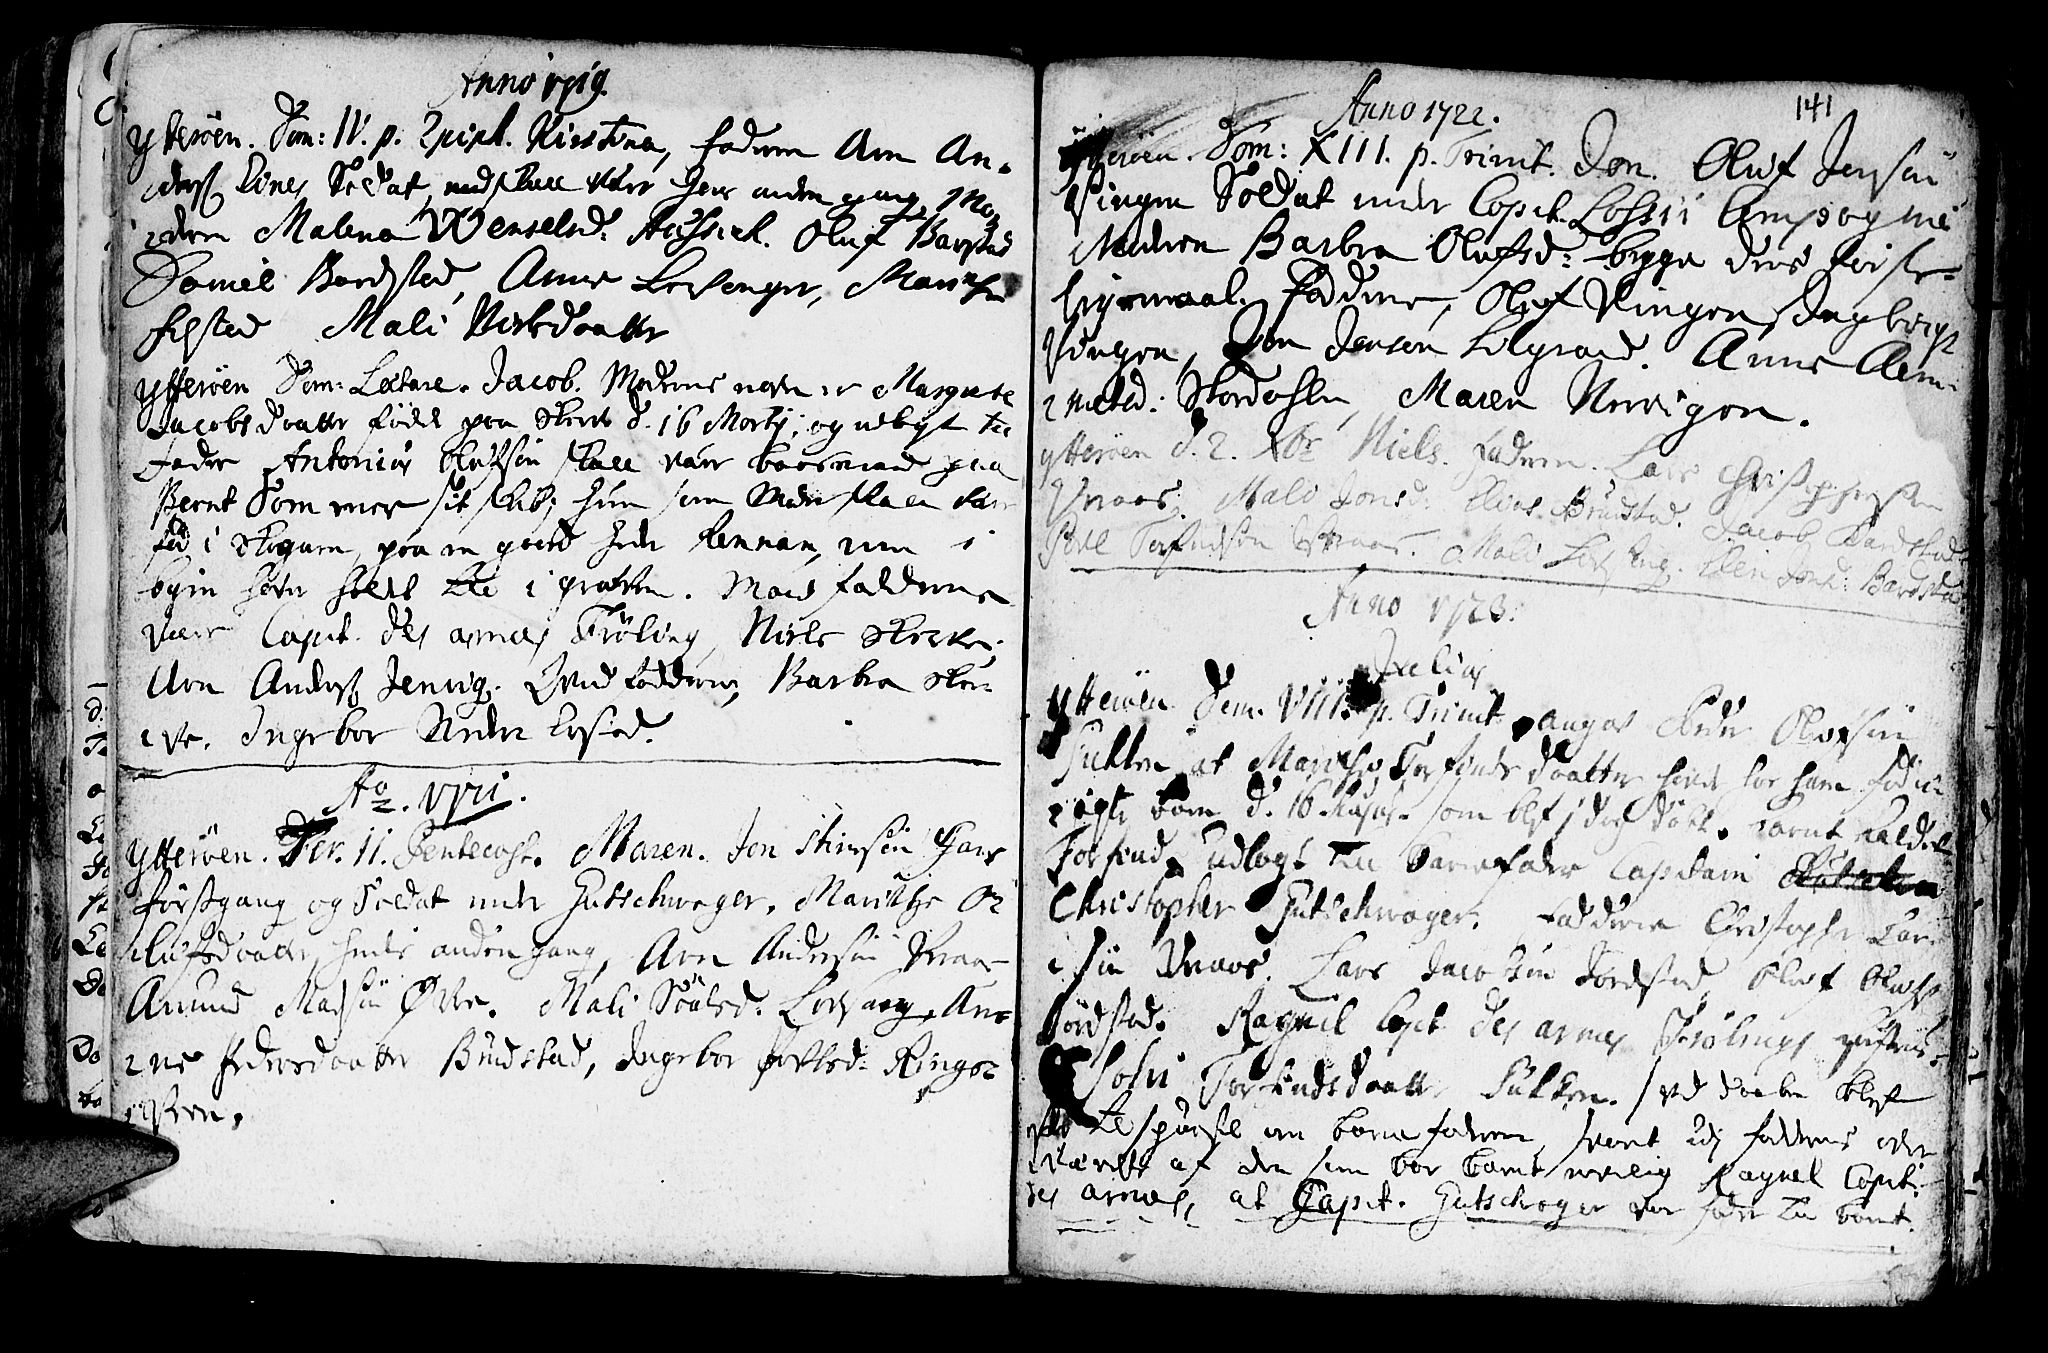 SAT, Ministerialprotokoller, klokkerbøker og fødselsregistre - Nord-Trøndelag, 722/L0215: Ministerialbok nr. 722A02, 1718-1755, s. 141